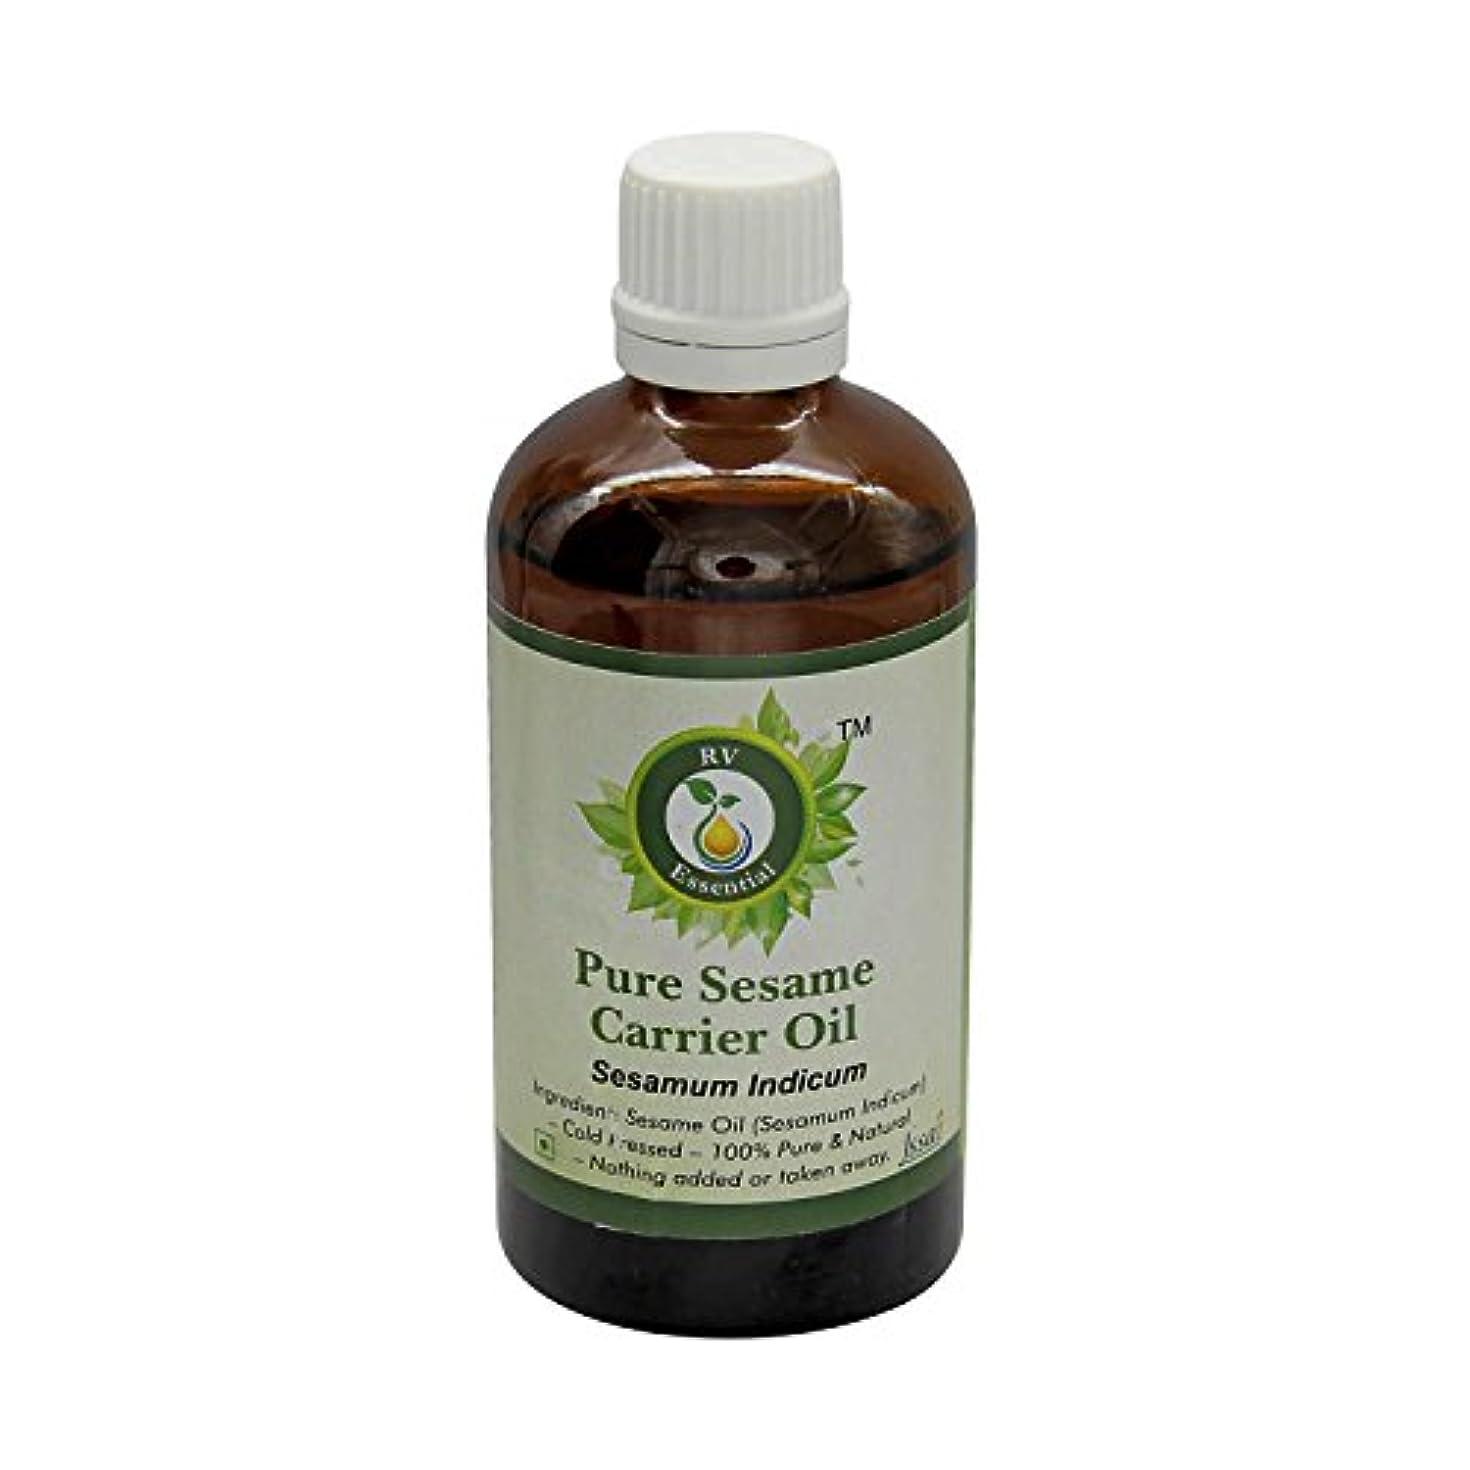 野心診断するレンジR V Essential 純粋なごま油15ml (0.507oz)- Sesamum Indicum (100%ピュア&ナチュラルコールドPressed) Pure Sesame Carrier Oil